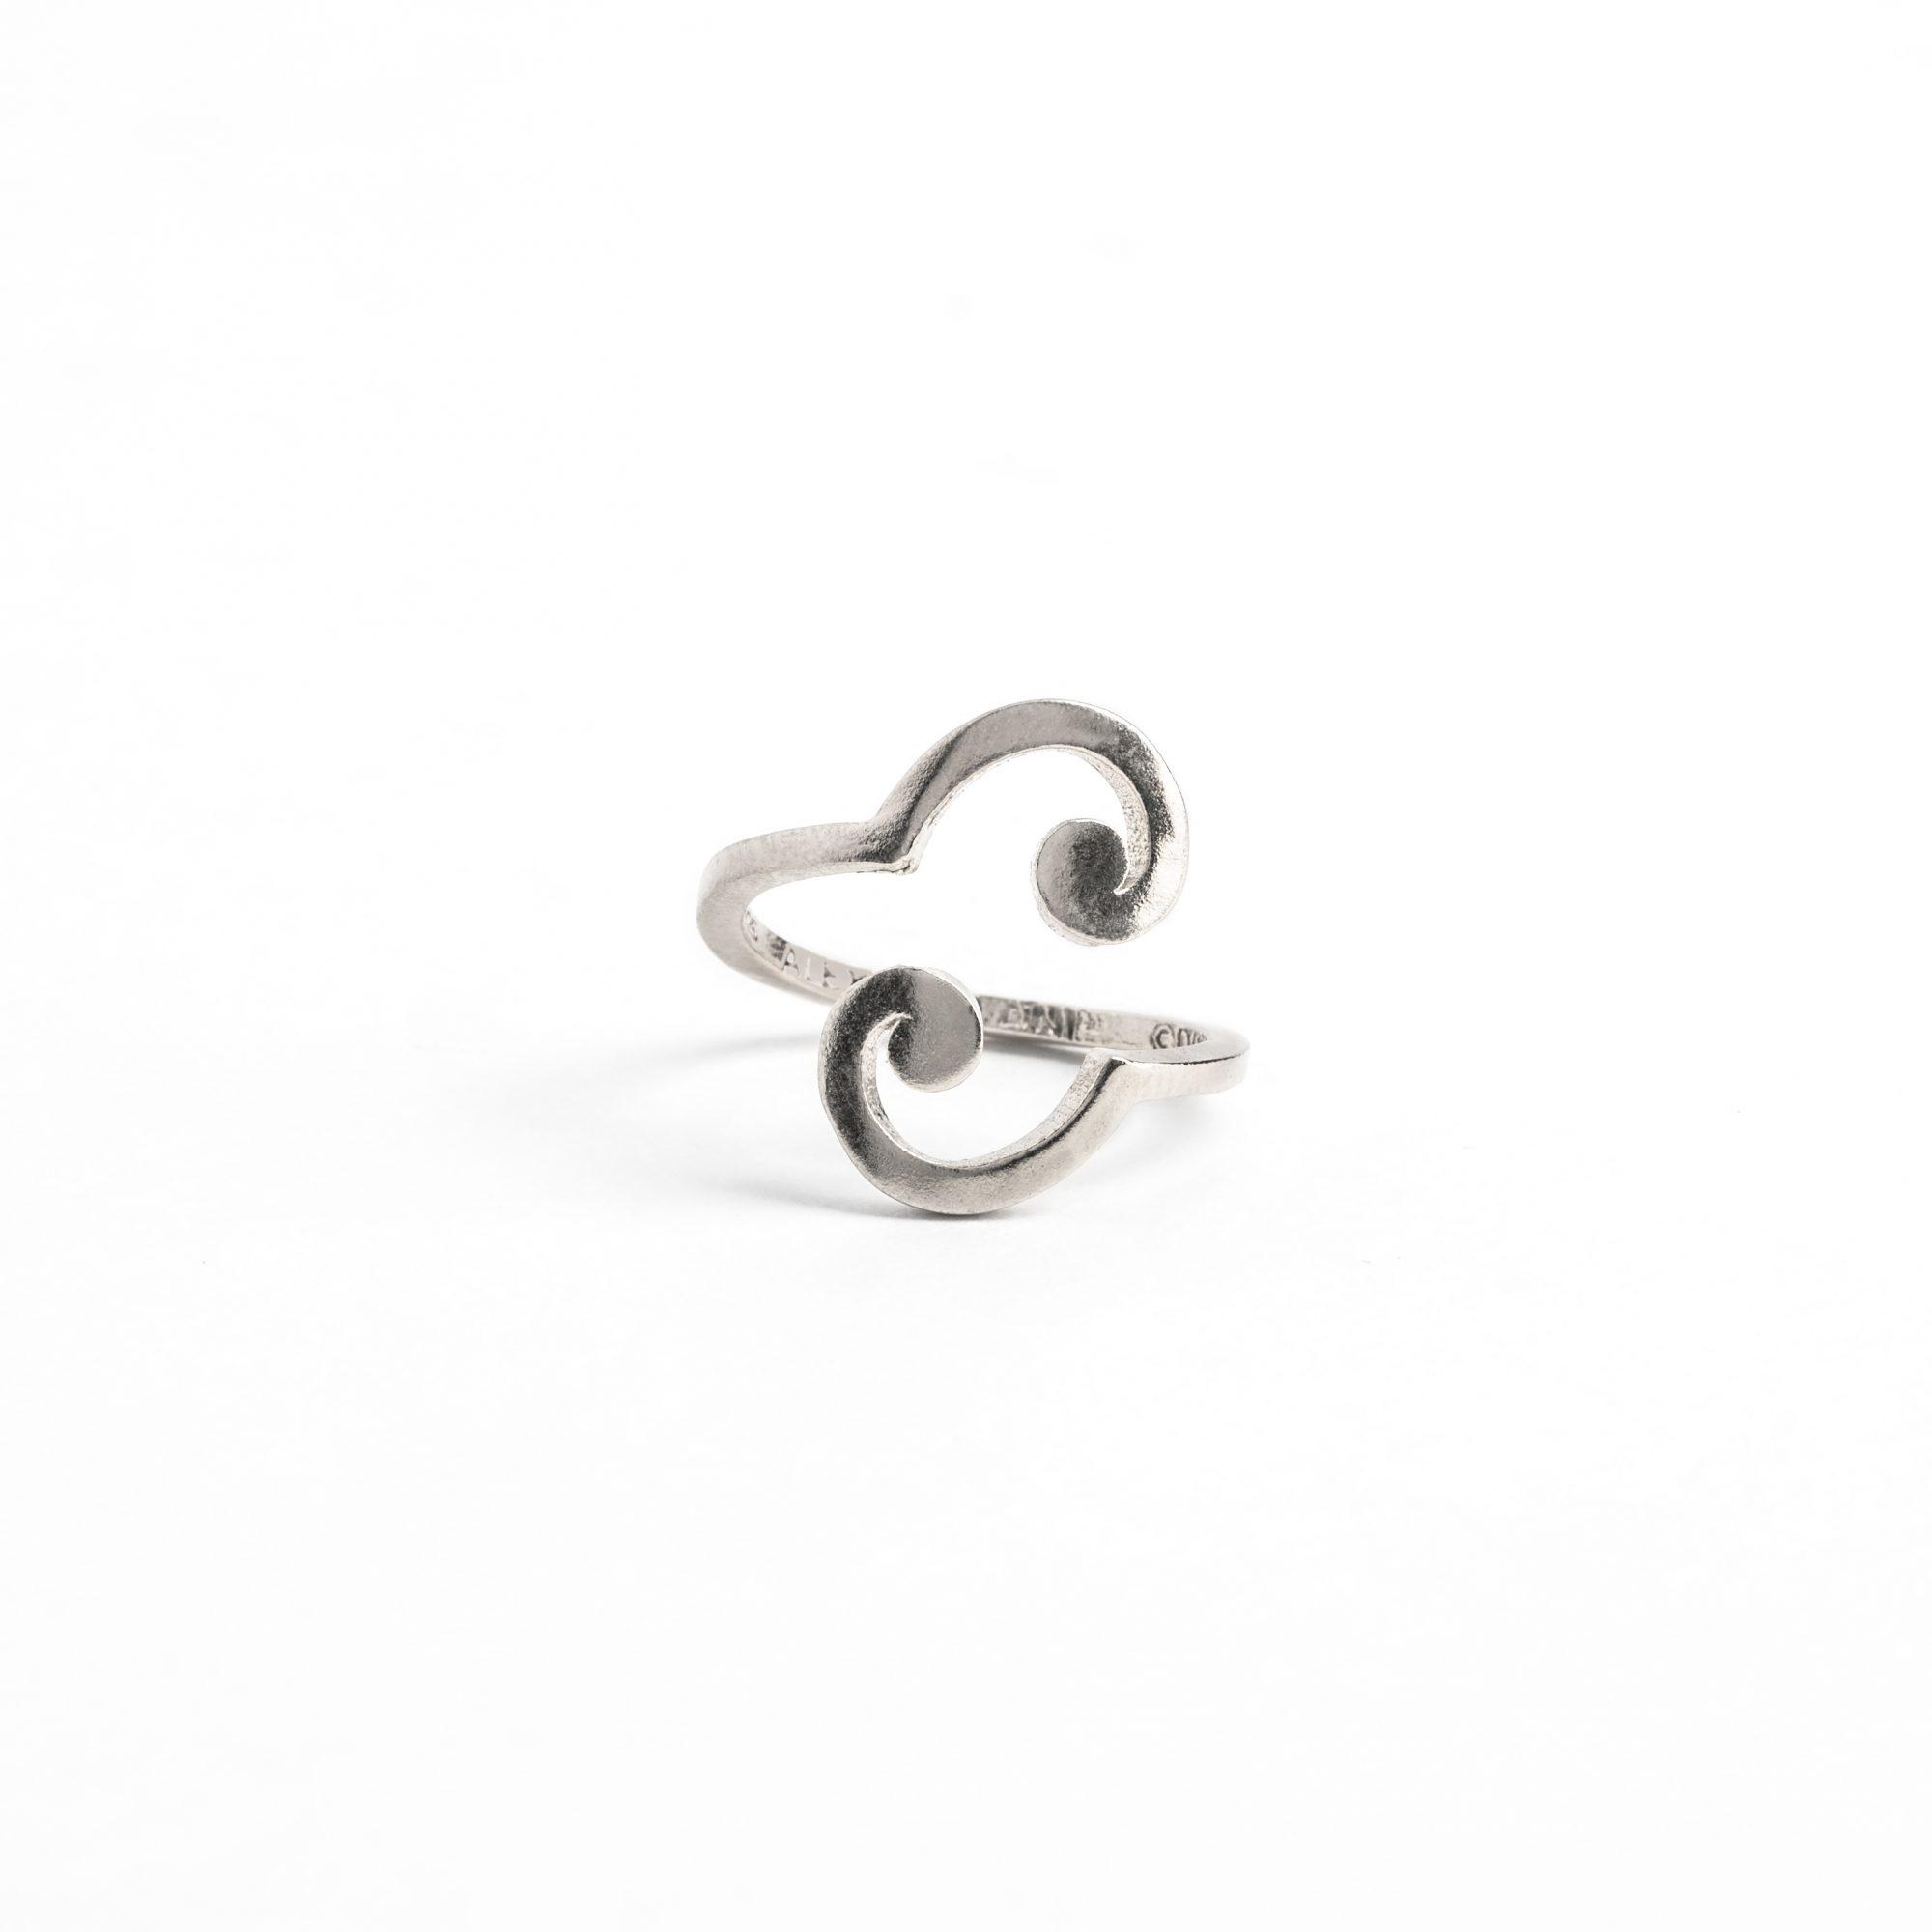 awit-spiral-ring.jpg